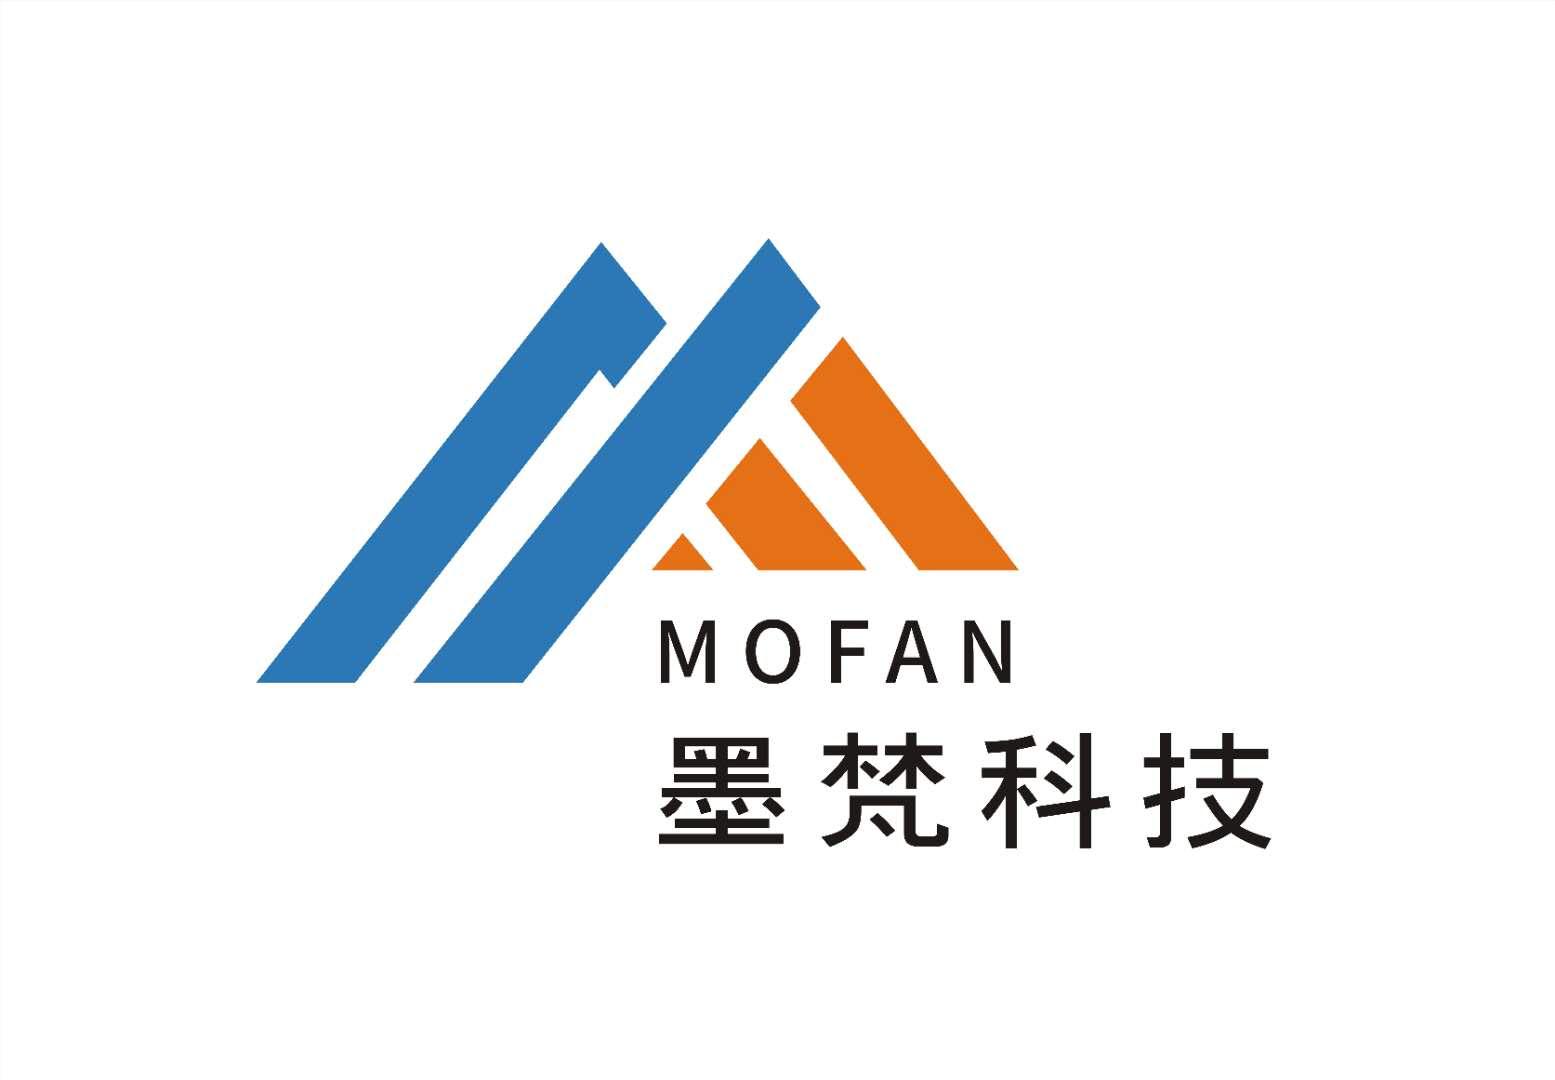 河北墨梵科技有限公司logo